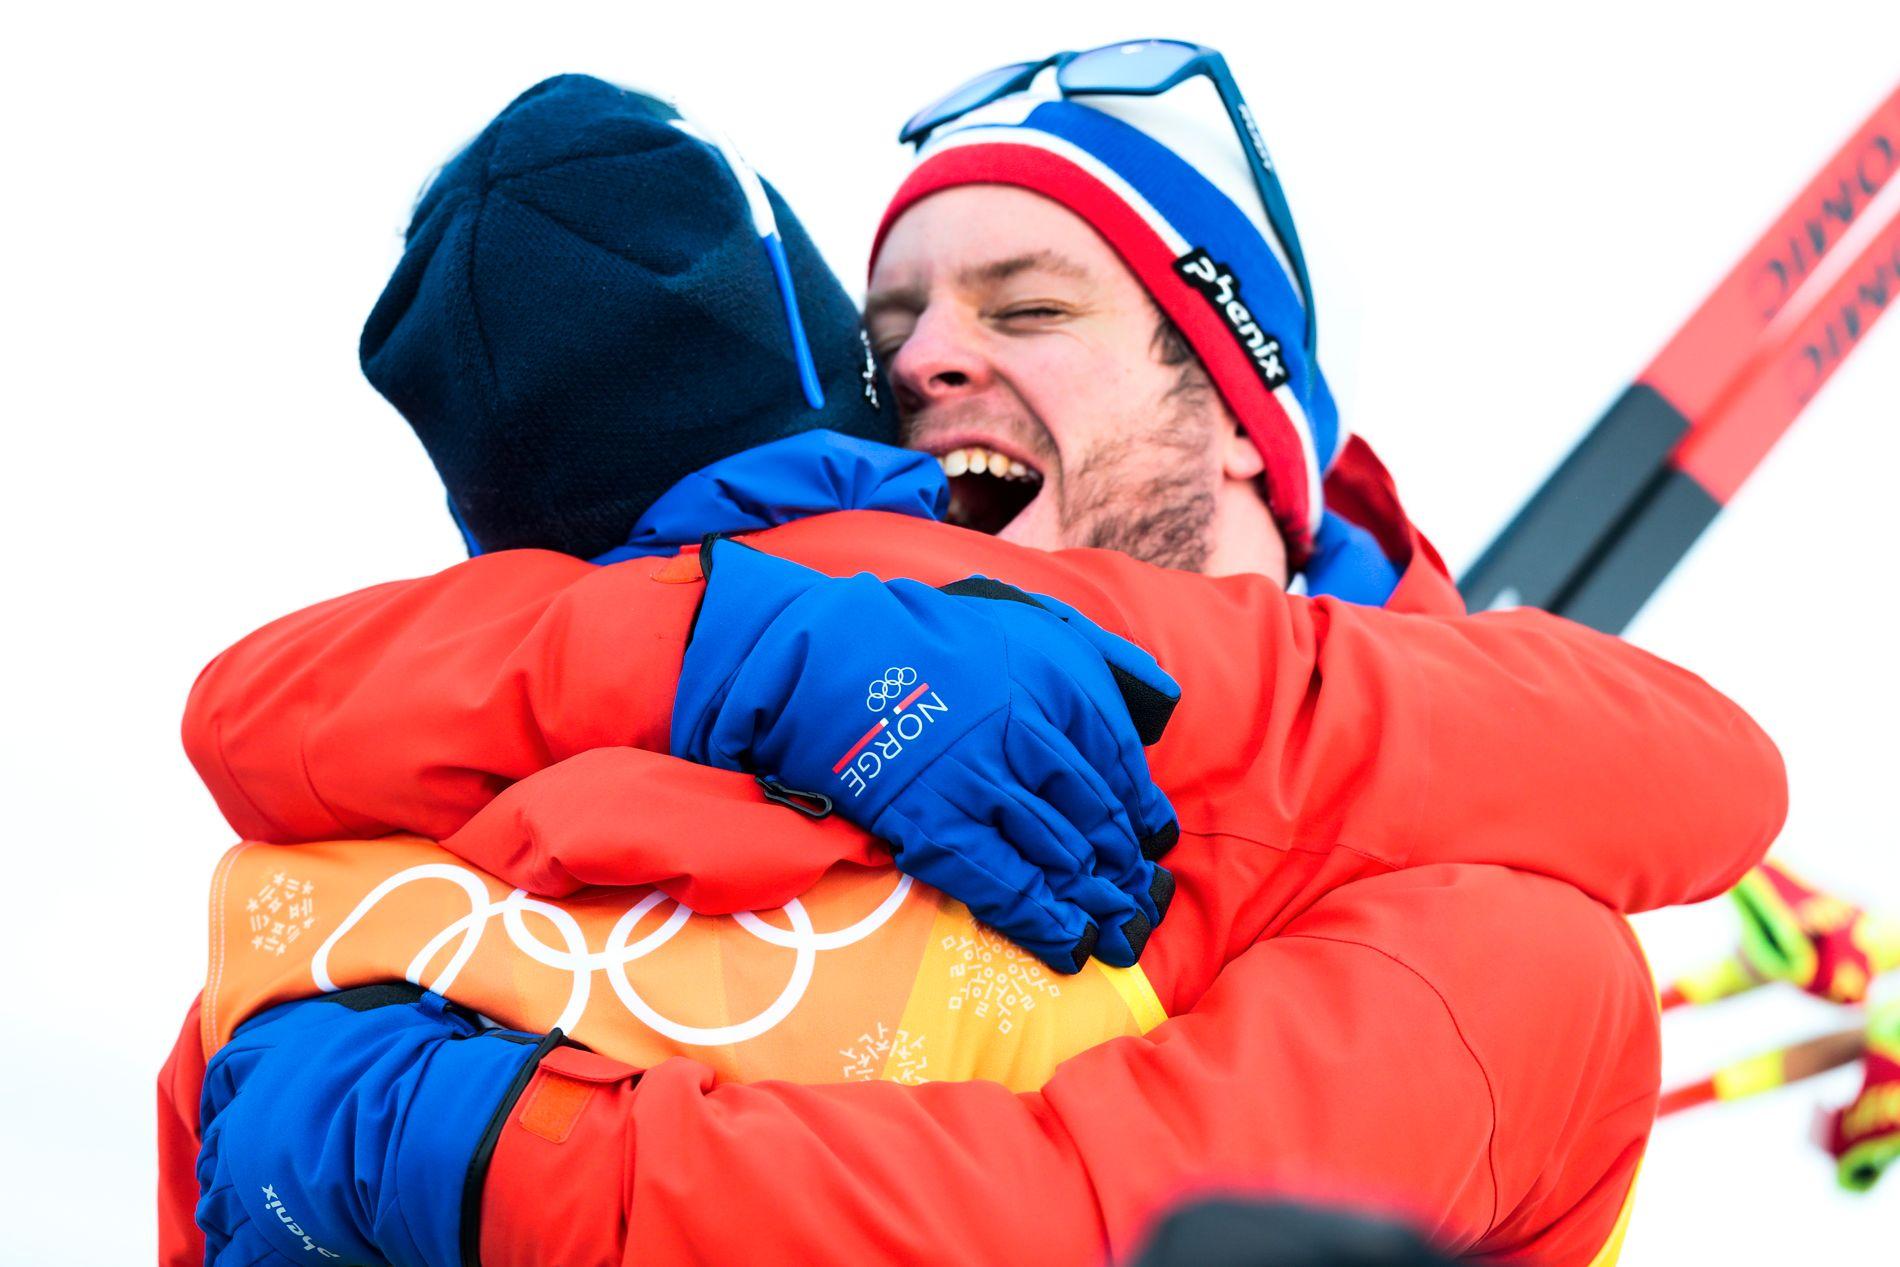 GULL IKKE NOK?: Simen Hegstad Krüger ble olympisk mester i fjor, men er ikke trygg på VM-plass på samme distanse i år.